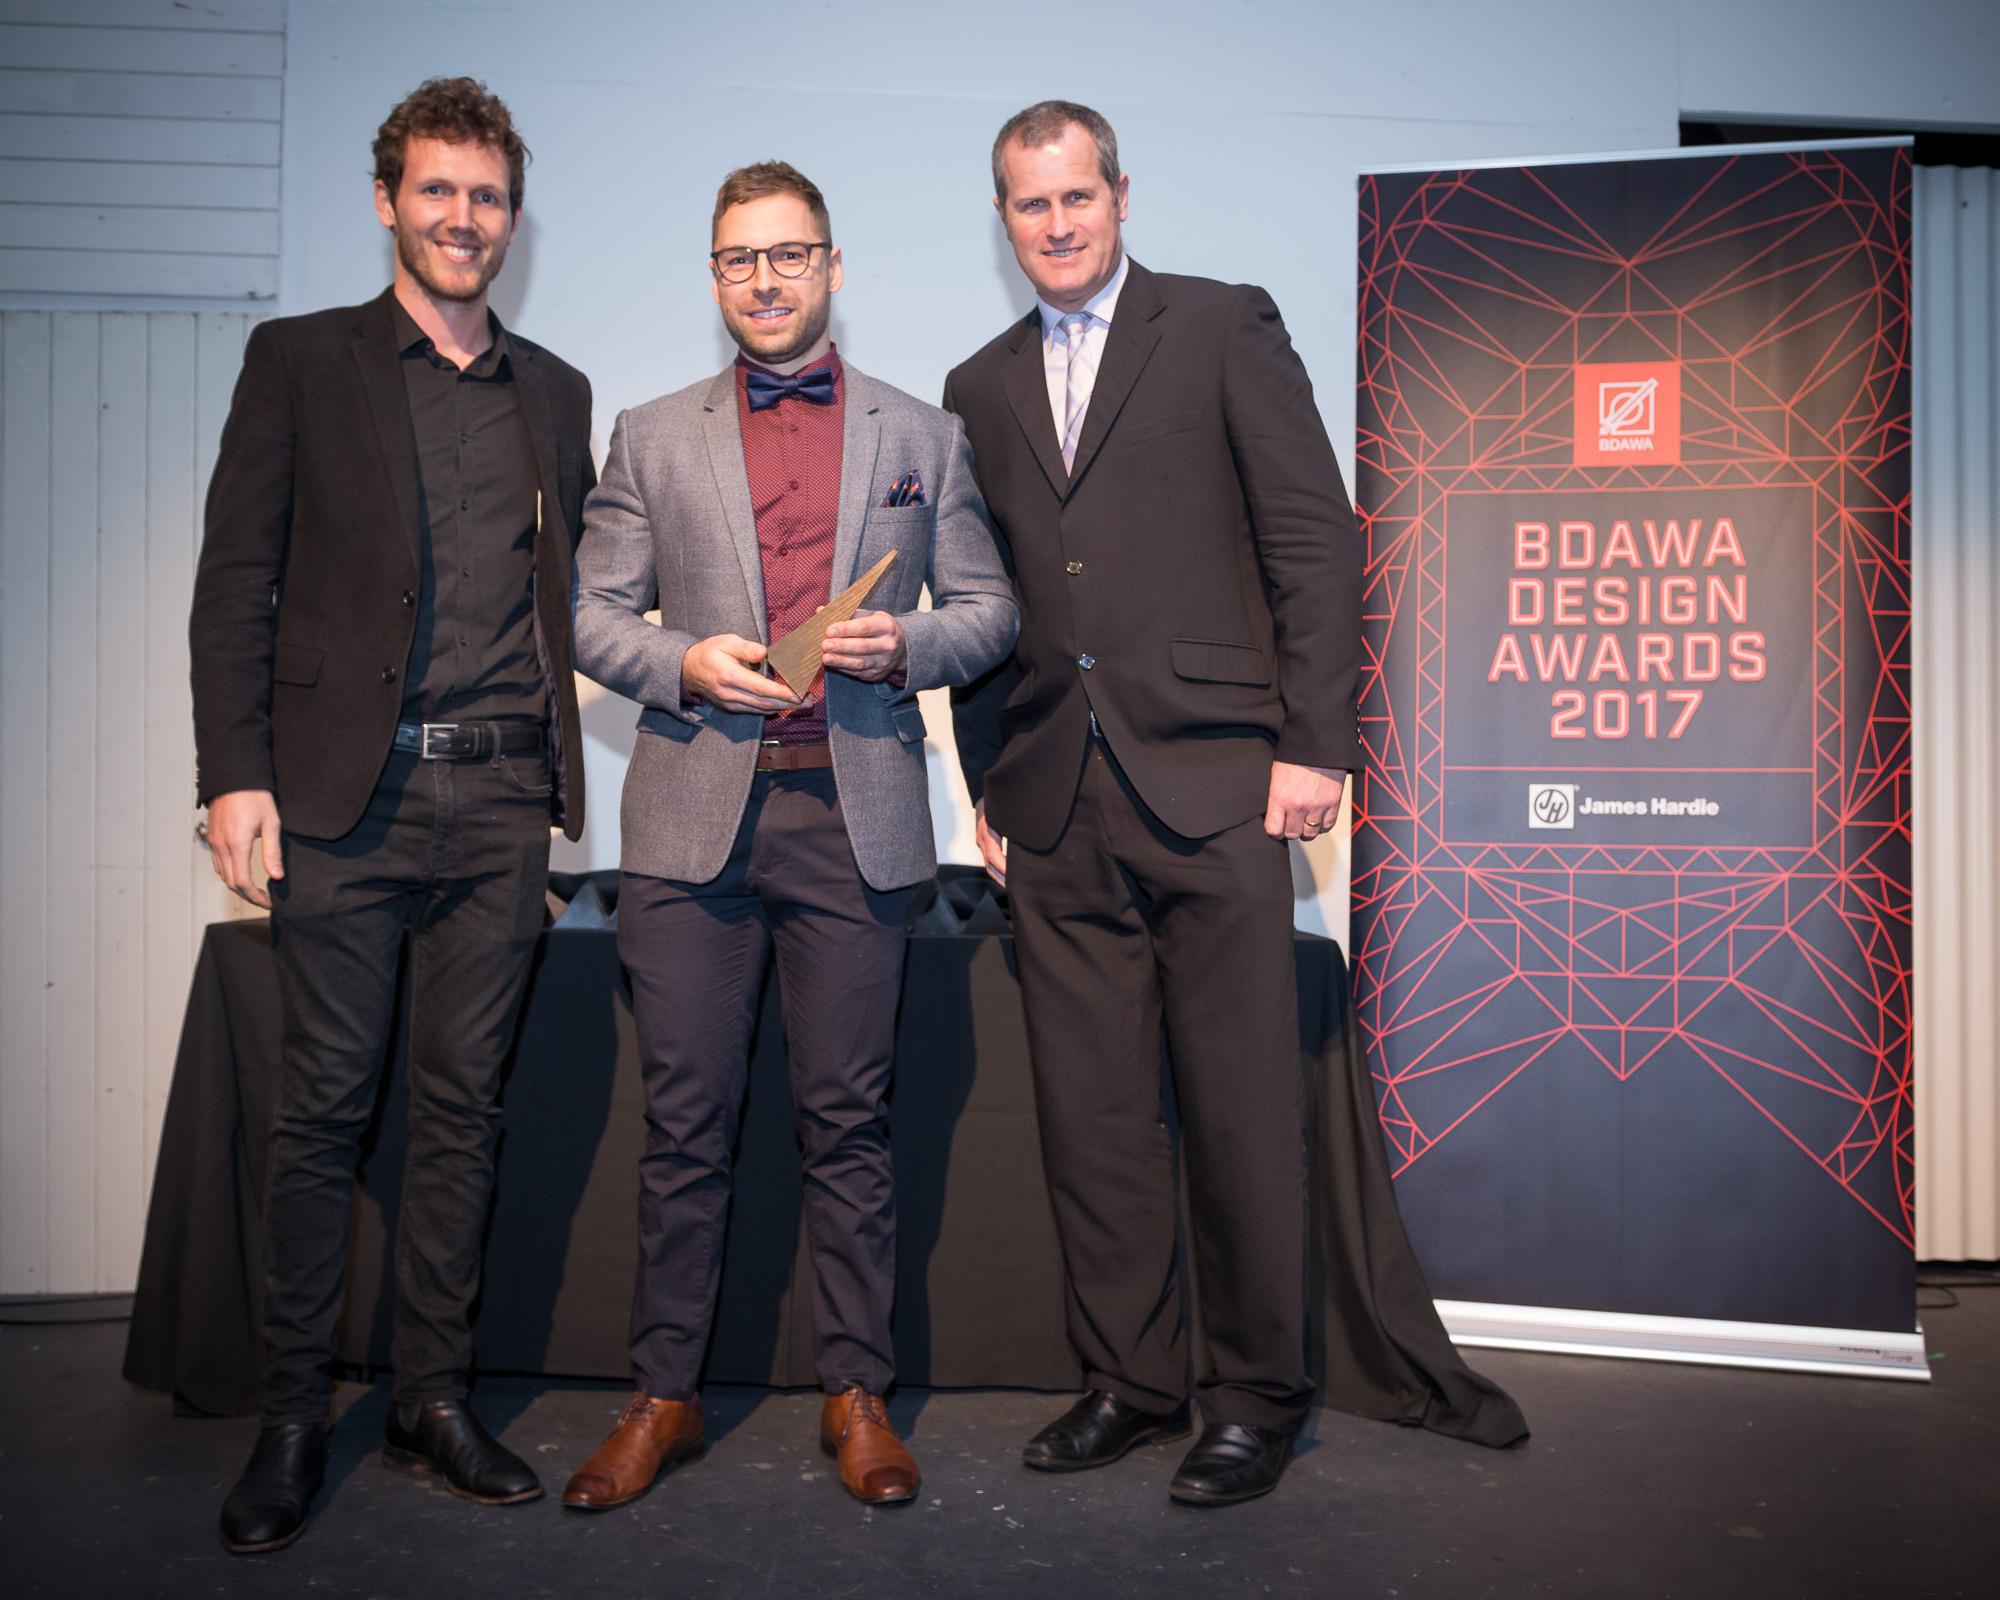 0121 BDA WA Awards 2017 _JHG7310.jpg